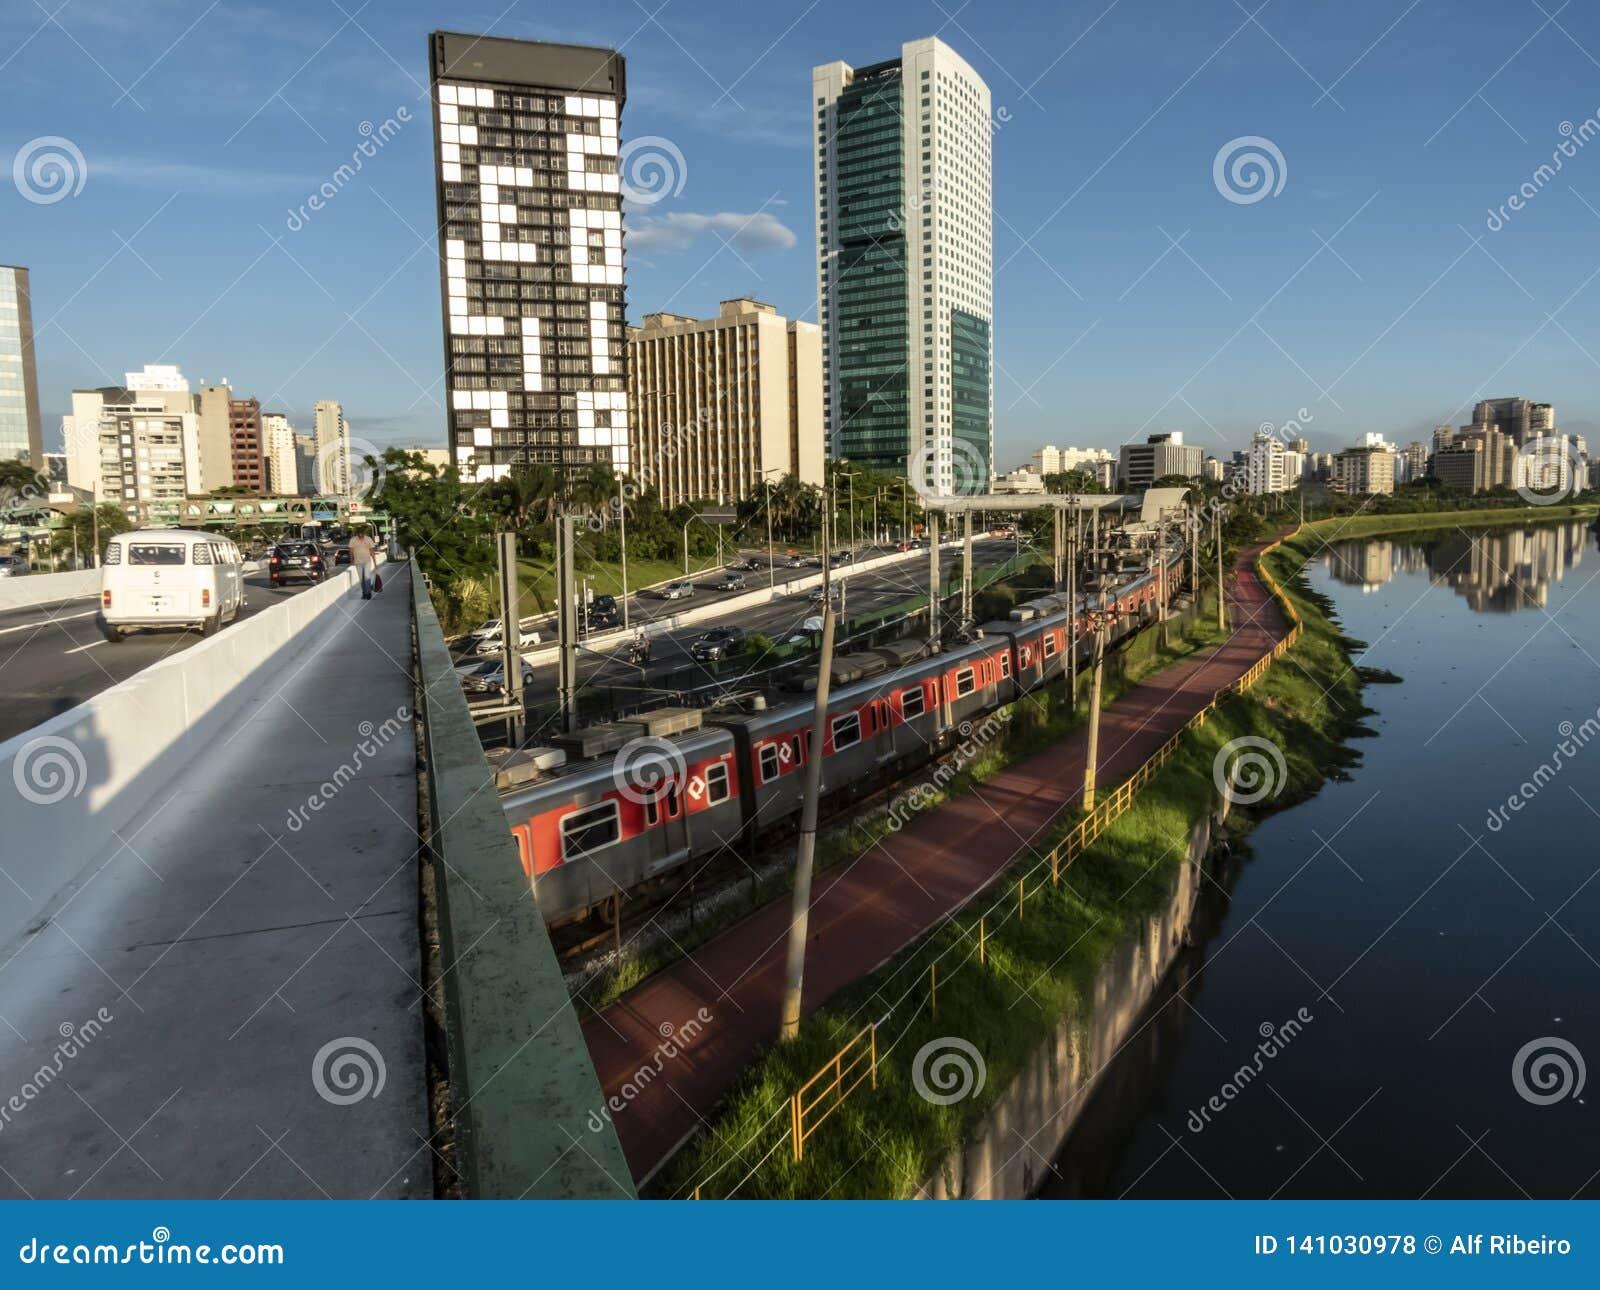 Vista delle costruzioni, del treno di CPTM, del traffico dei veicoli e del fiume nel viale marginale del fiume di Pinheiros